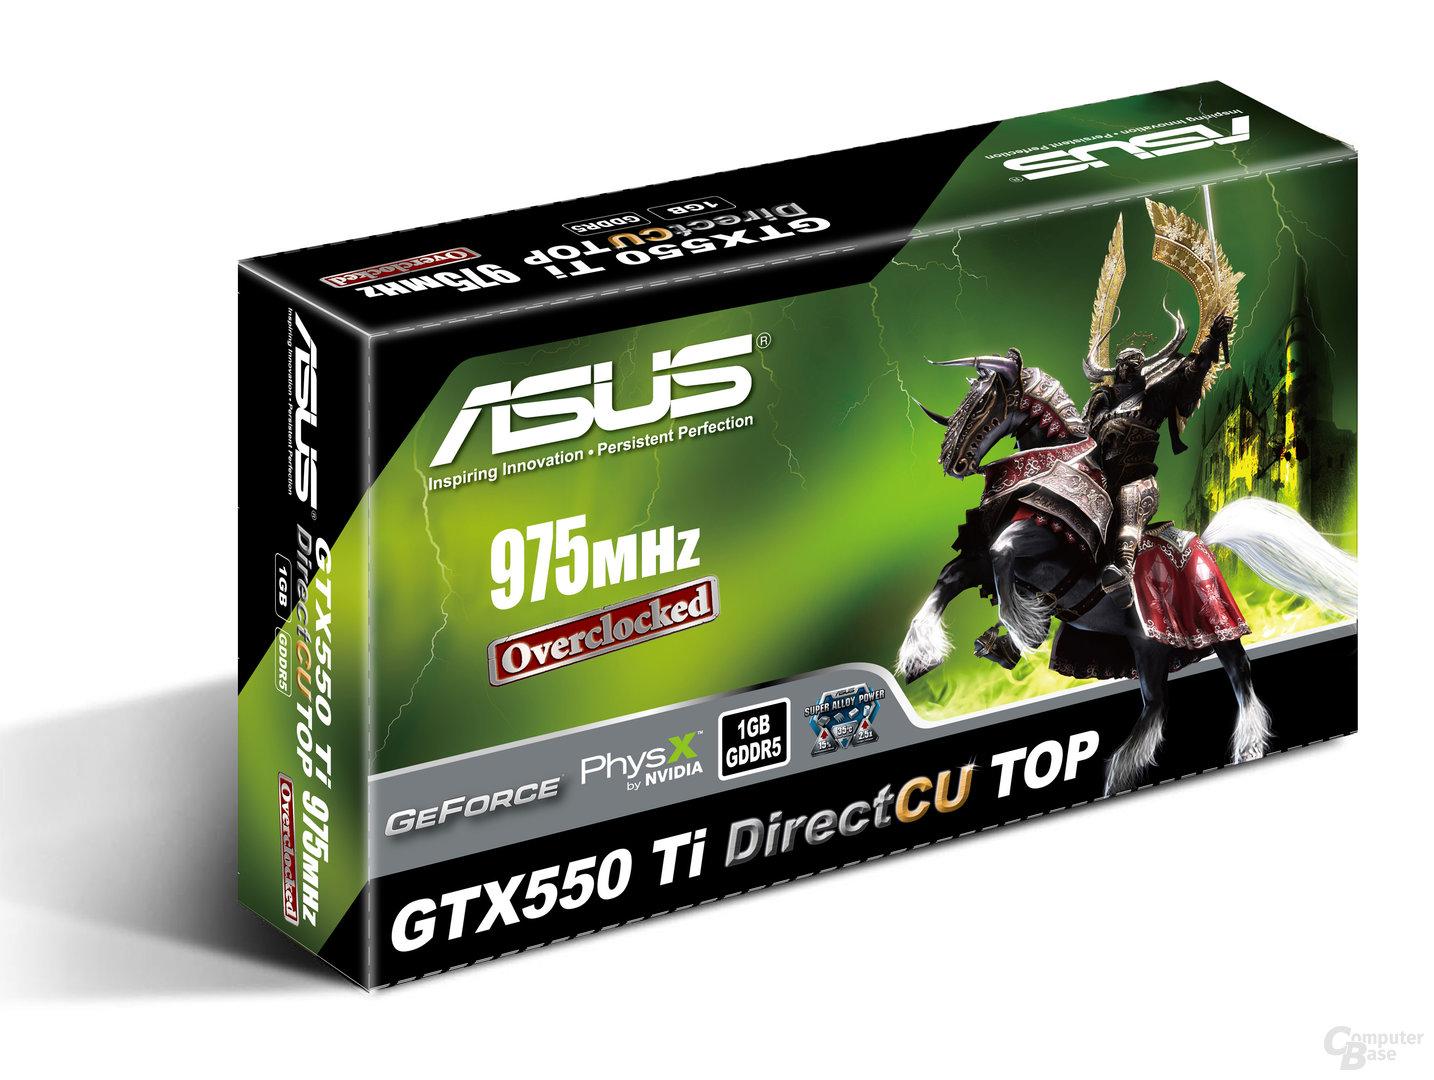 ASUS GTX 550 Ti DirectCU TOP